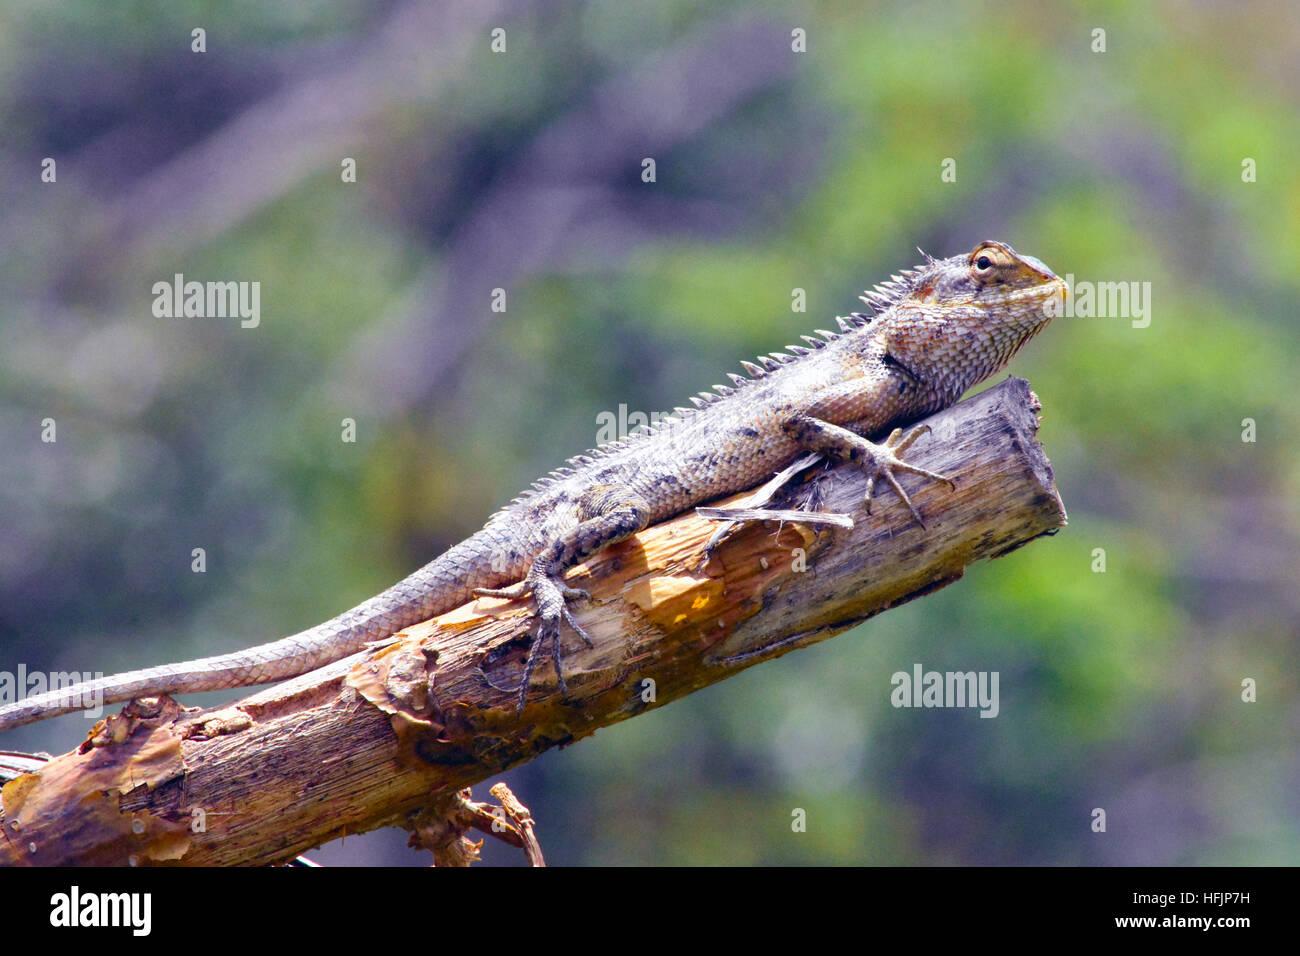 Chameleon - Stock Image